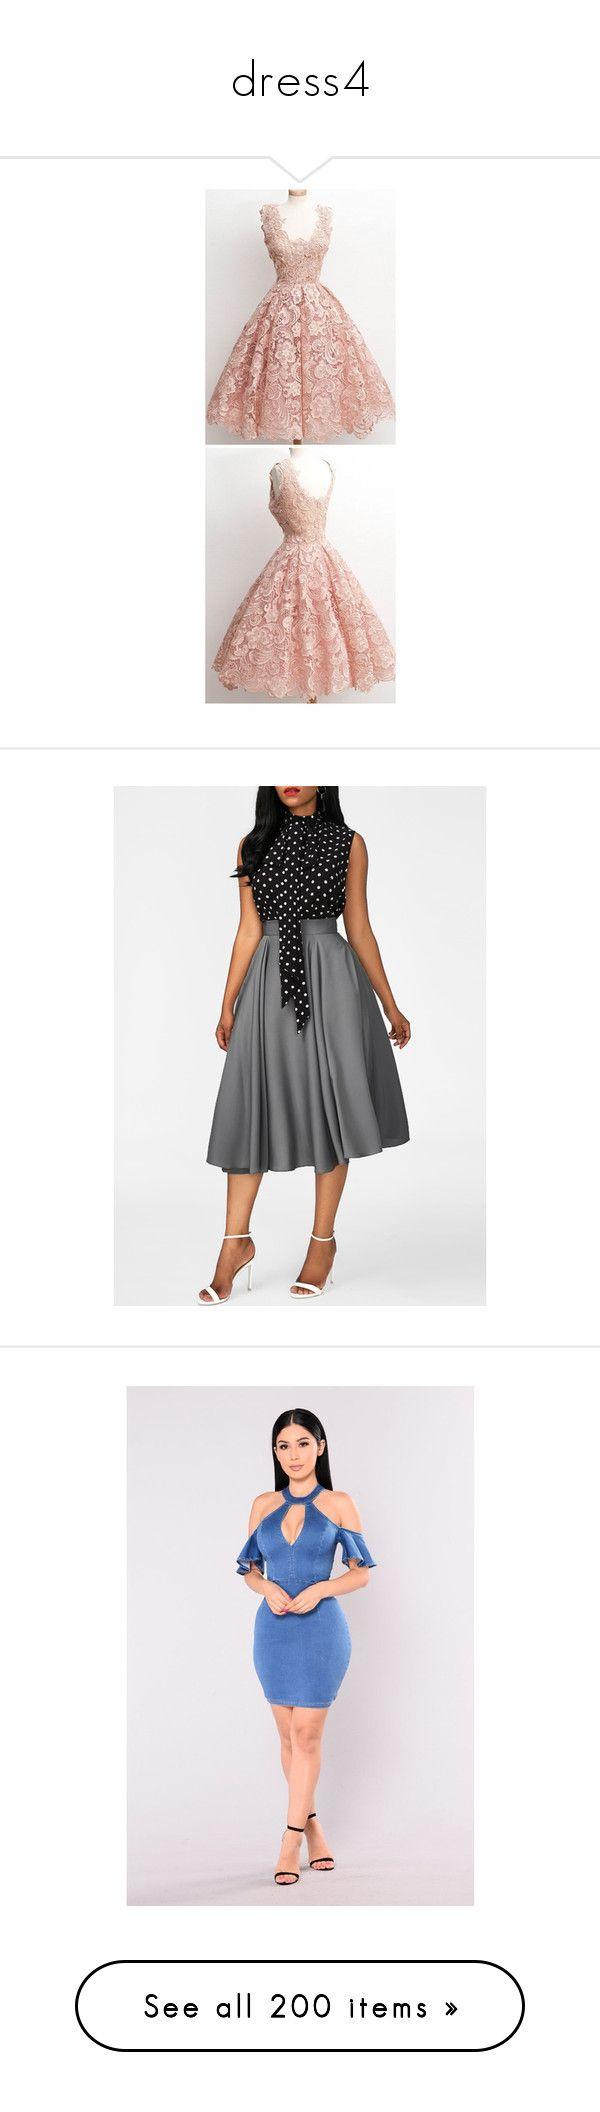 """""""dress4"""" by darkskinqueen ❤ liked on Polyvore featuring dresses, vintage prom dresses, pink dress, pink vintage dress, prom dresses, vintage dresses, cold shoulder denim dress, denim dresses, cut-out dresses and cutout shoulder dresses"""